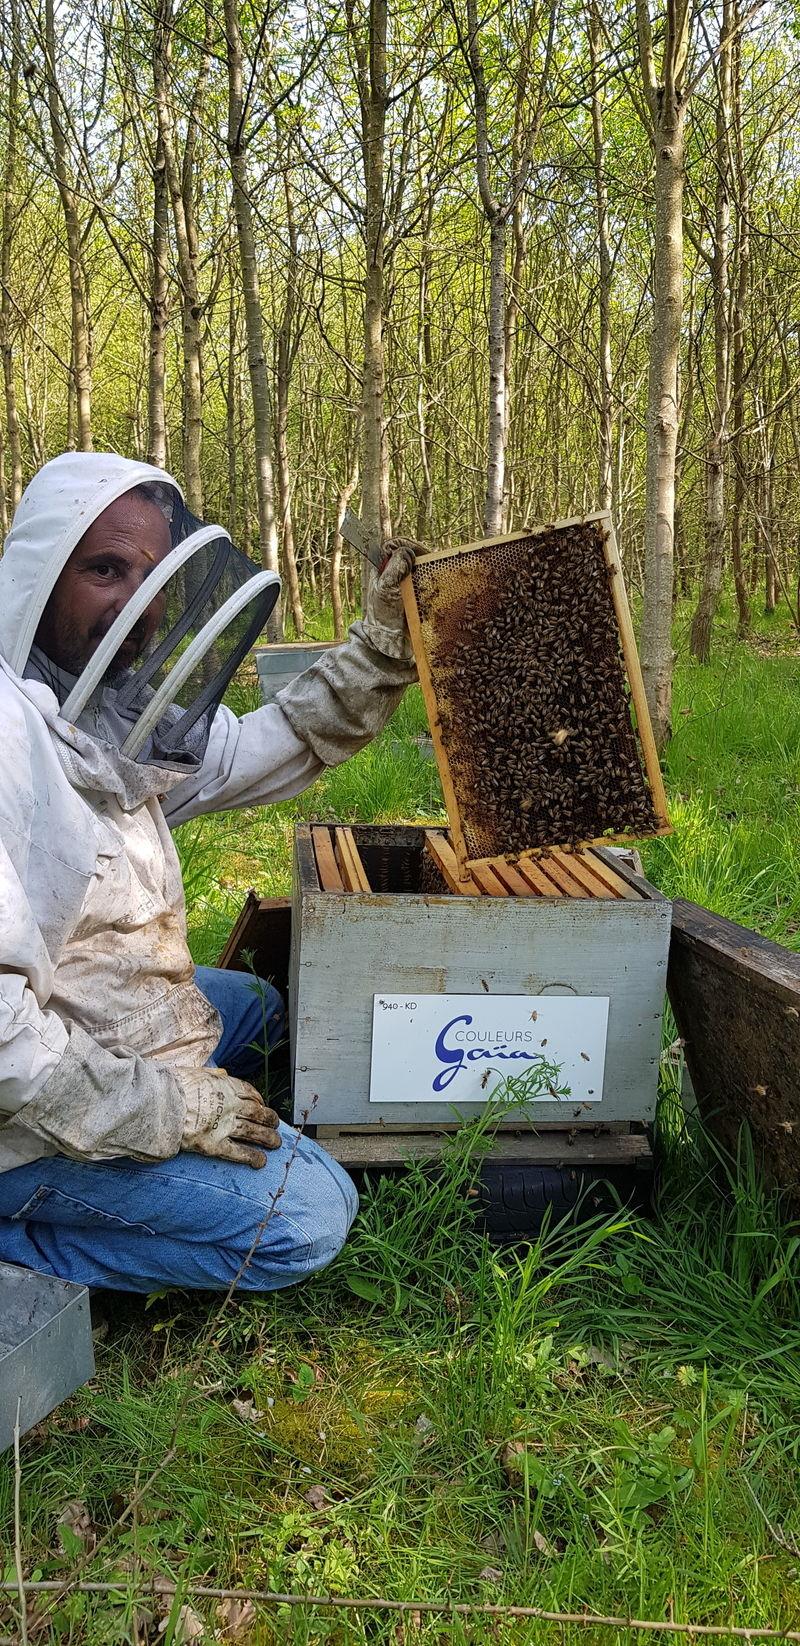 La ruche COULEURS GAIA